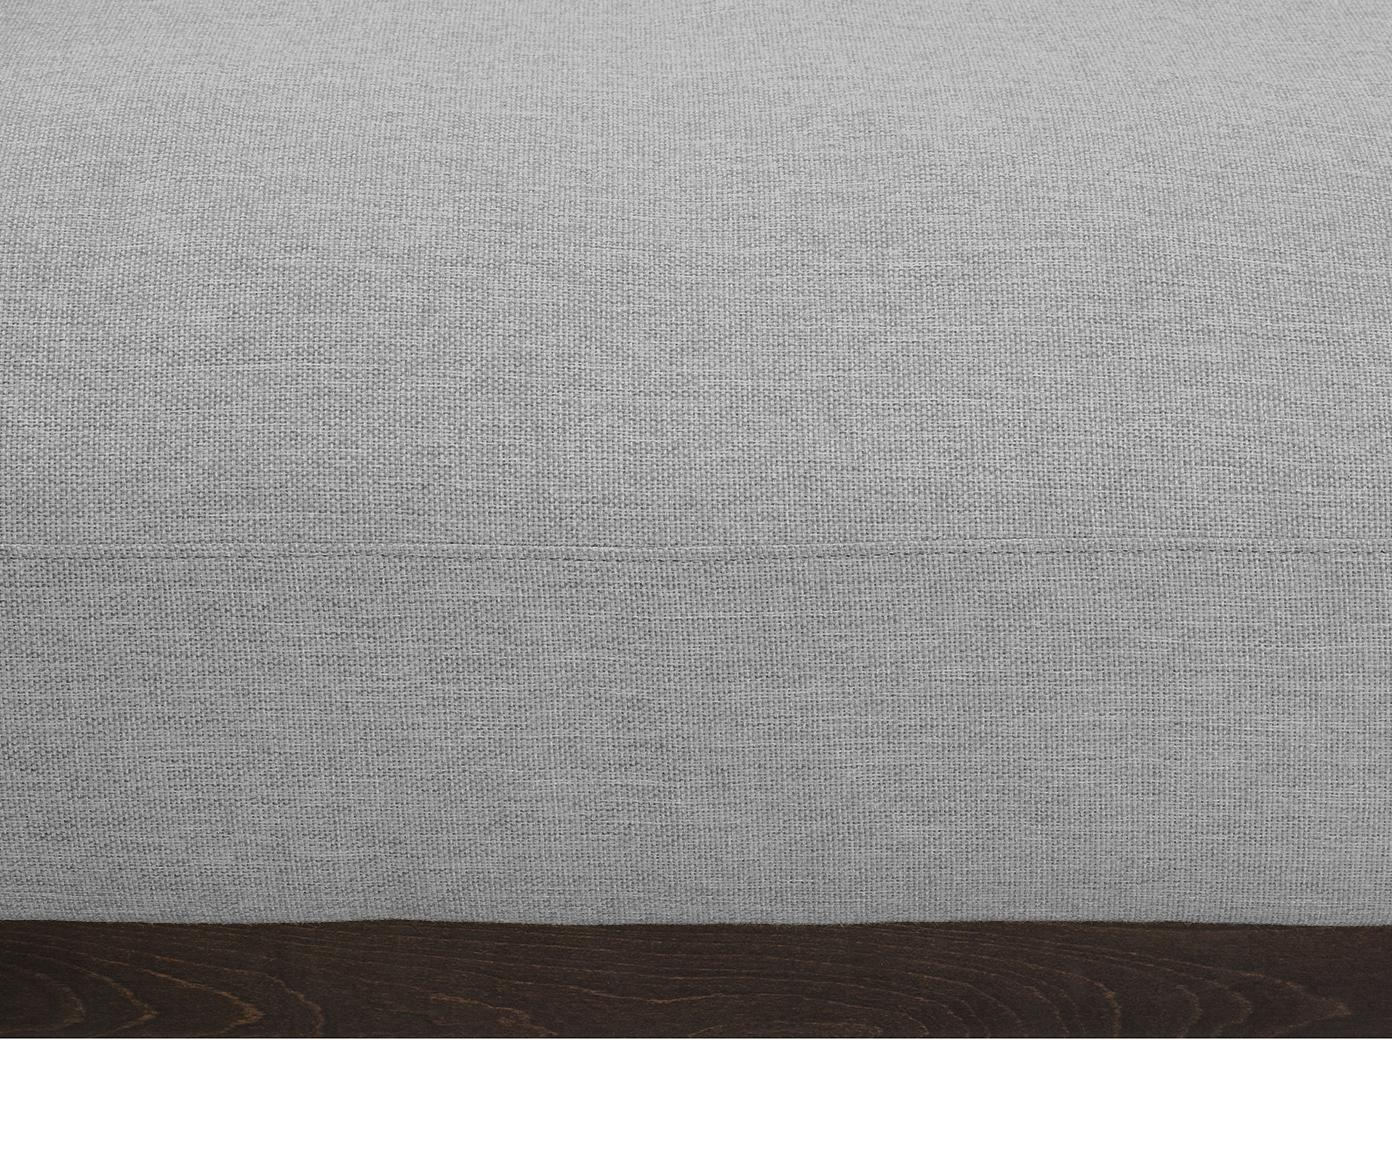 Sofa Brooks (3-osobowa), Tapicerka: poliester 35000 cykli w , Stelaż: lite drewno sosnowe, Nogi: metal malowany proszkowo, Szary, S 230 x G 98 cm